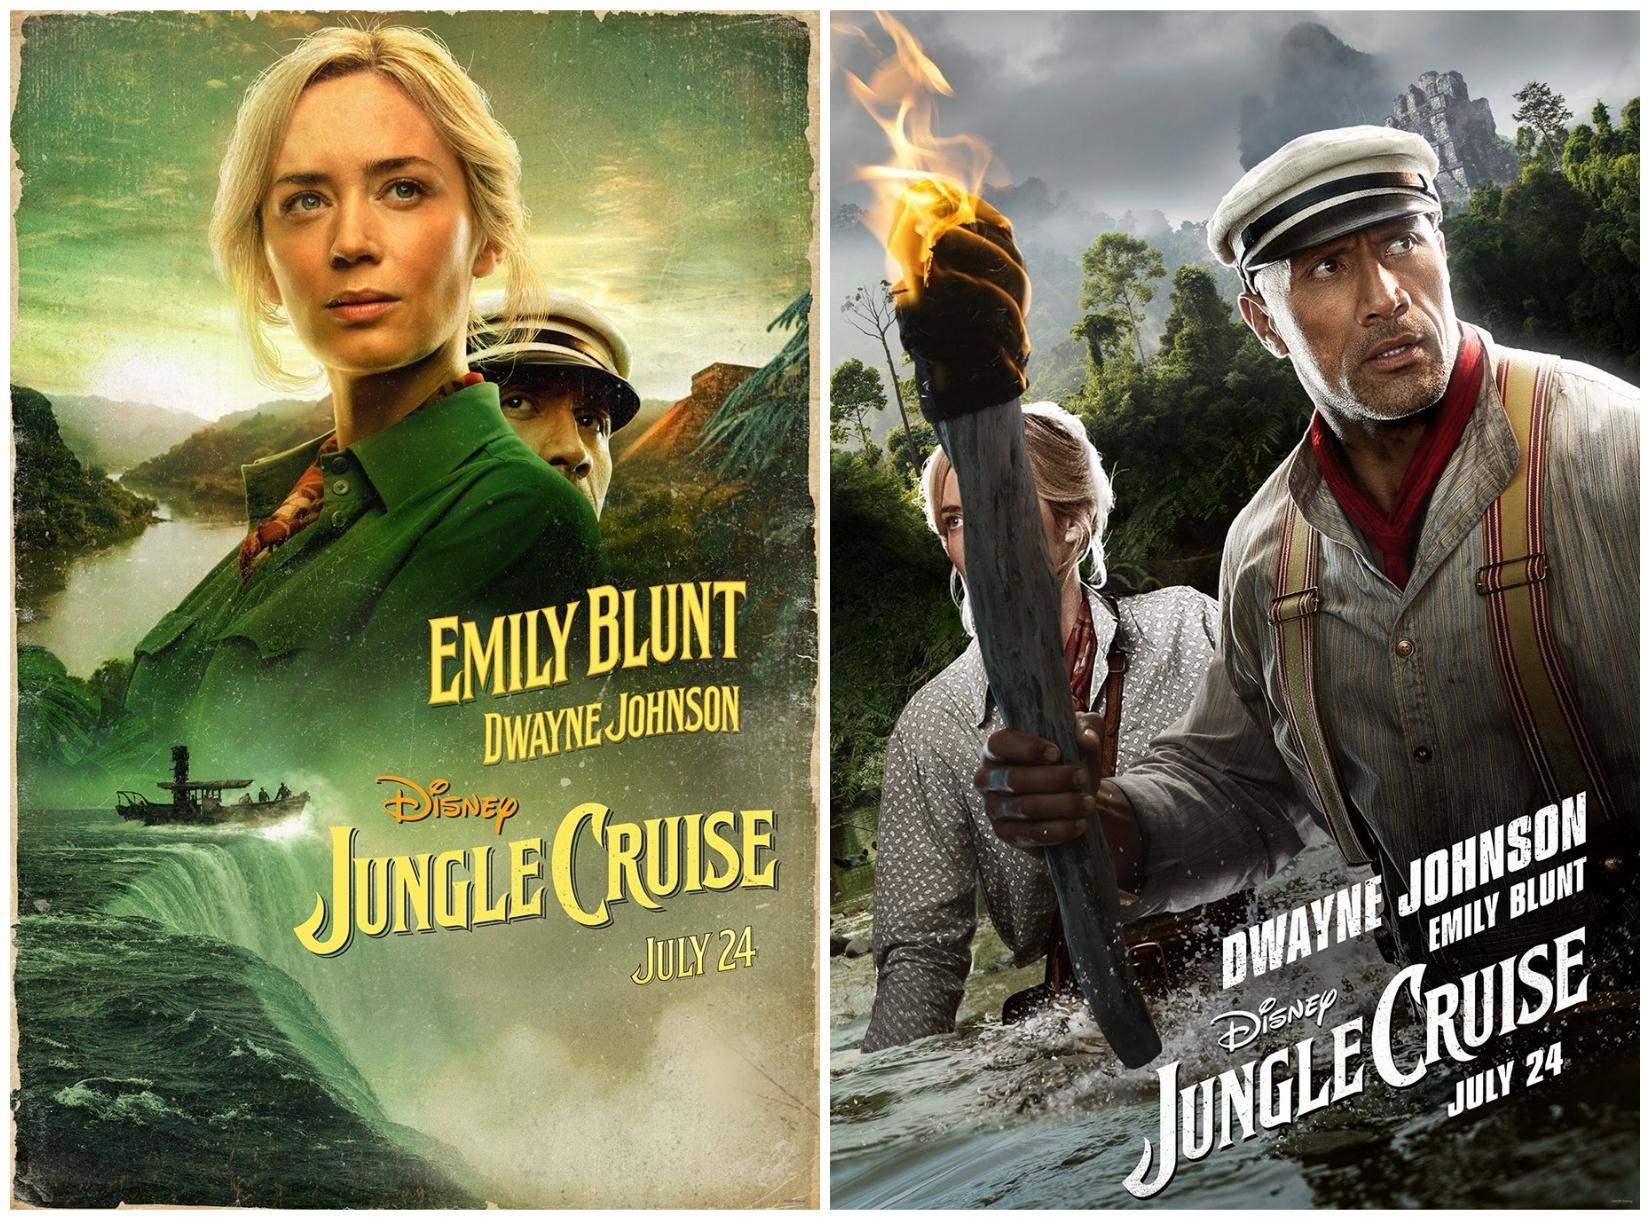 2020年最新电影《丛林奇航》什么时候上映?巨石强森带来精彩嘴炮剧情!